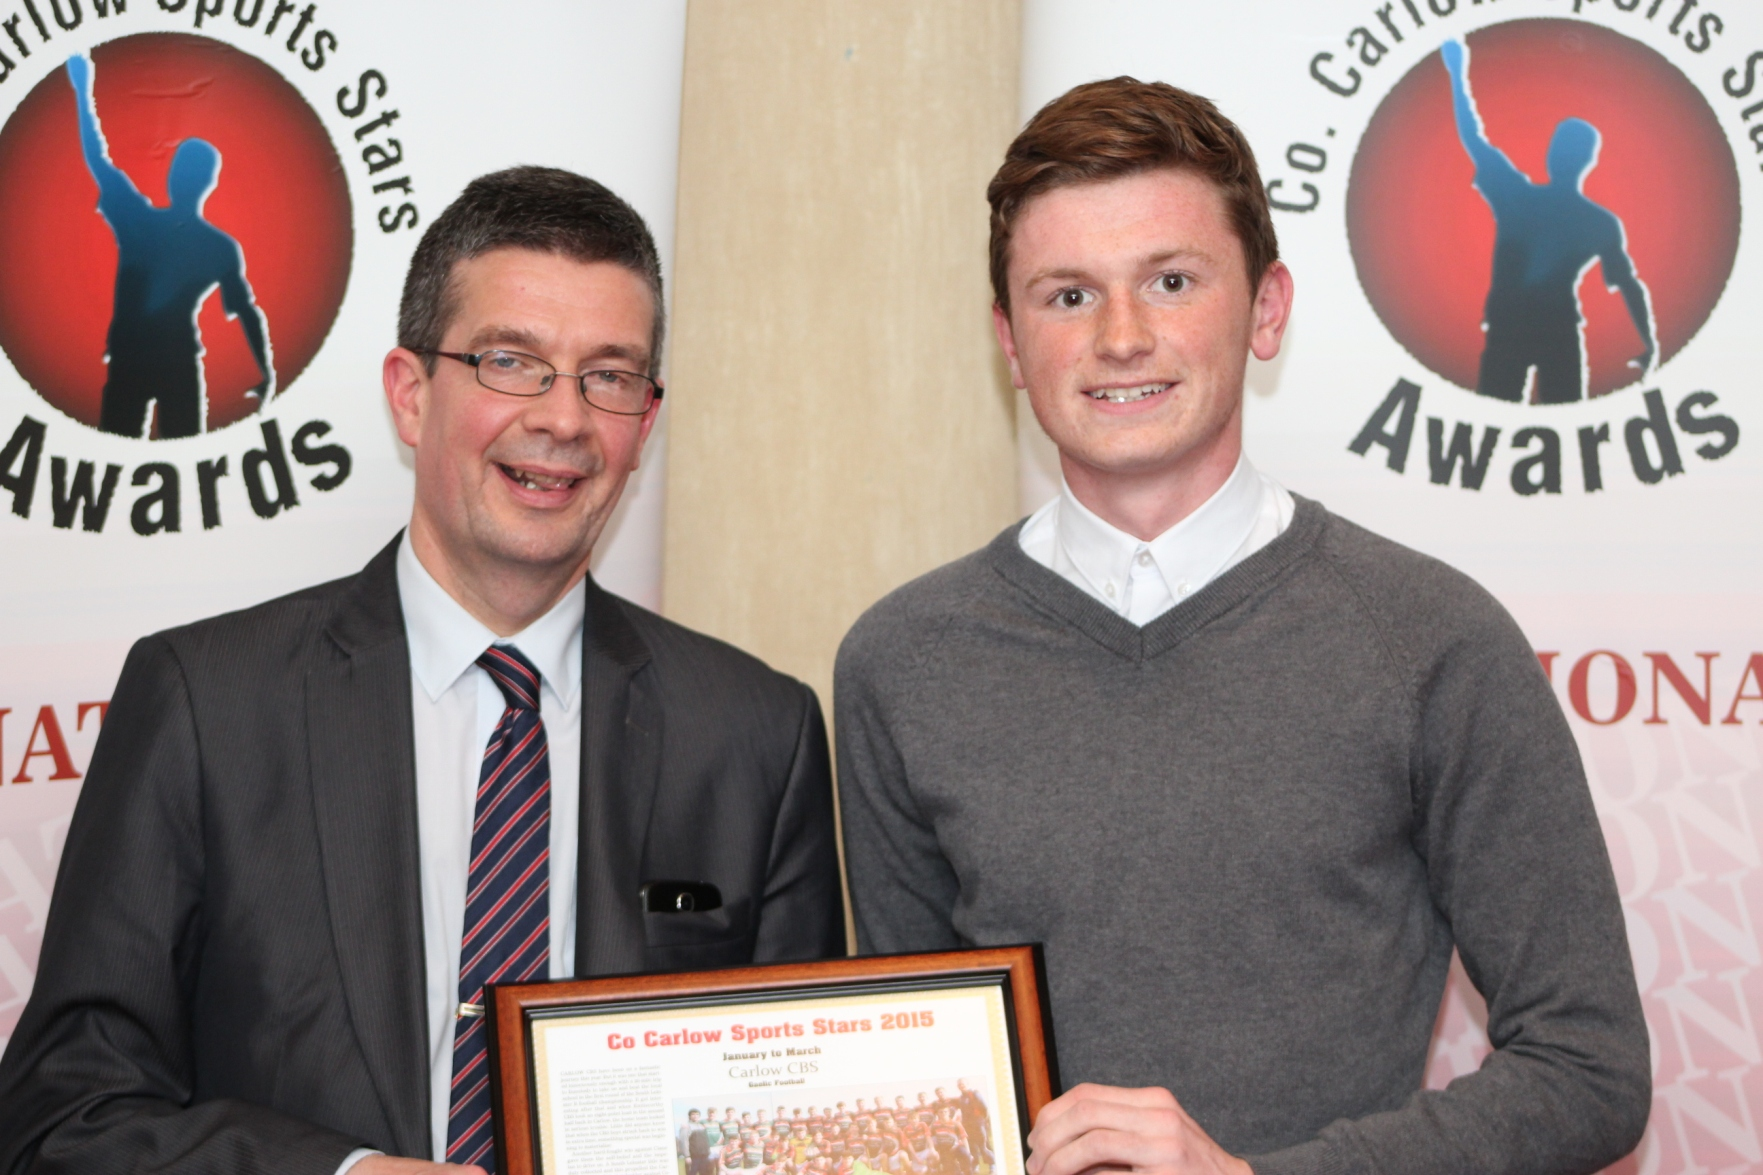 Carlow GAA Stars Rewarded at Co Carlow Sports Stars Awards